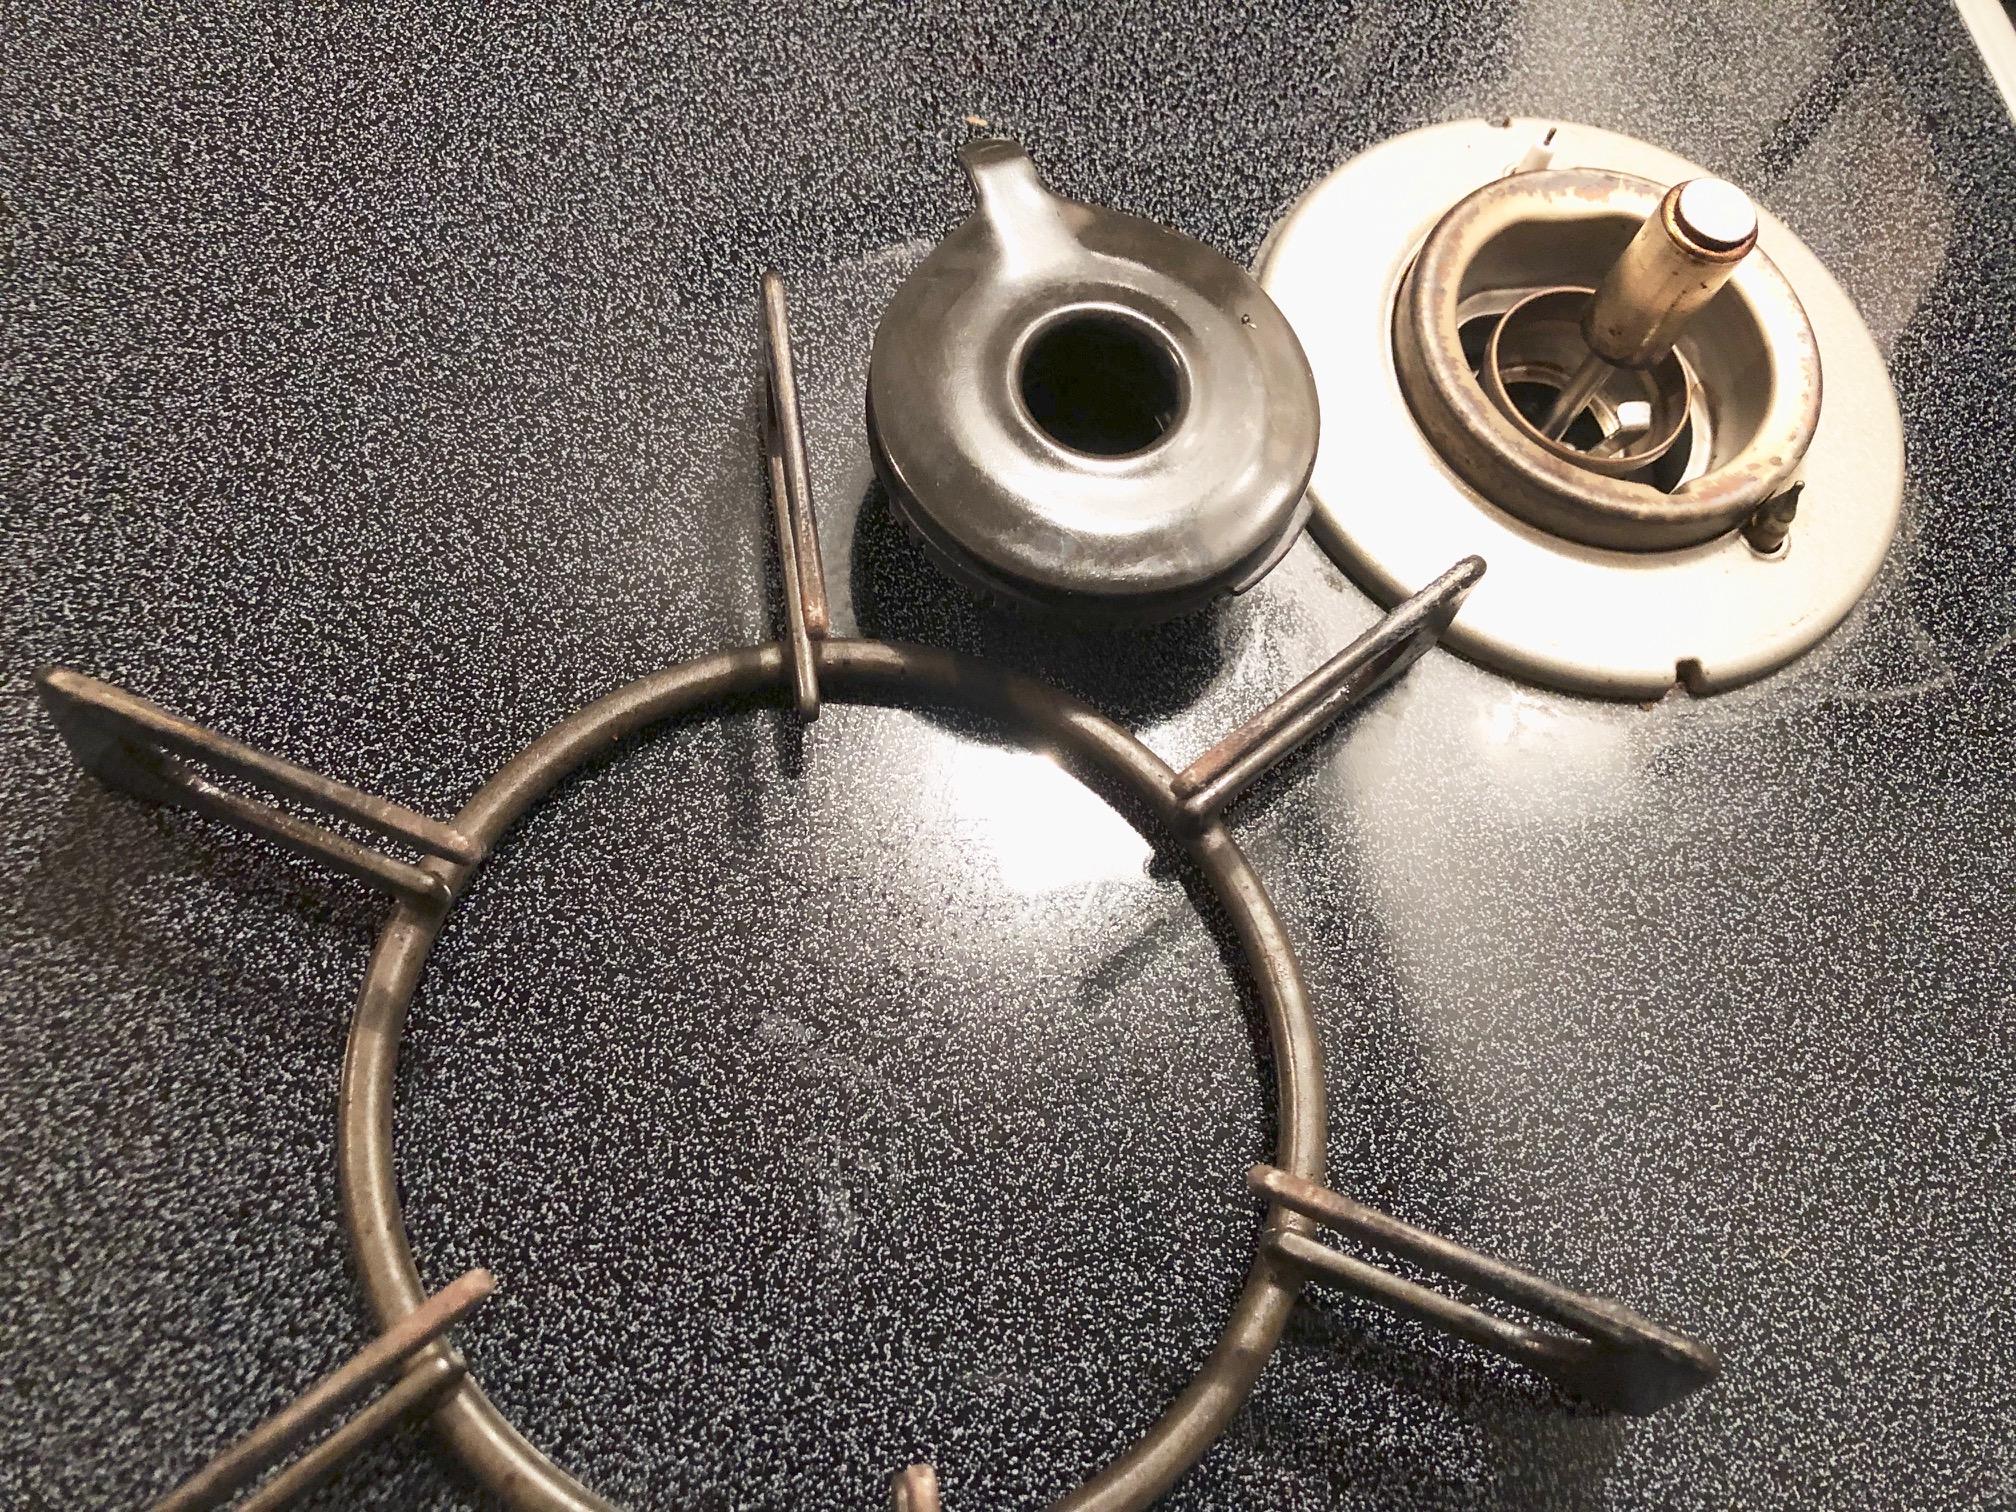 ガスの元栓を閉め、パーツを分解する